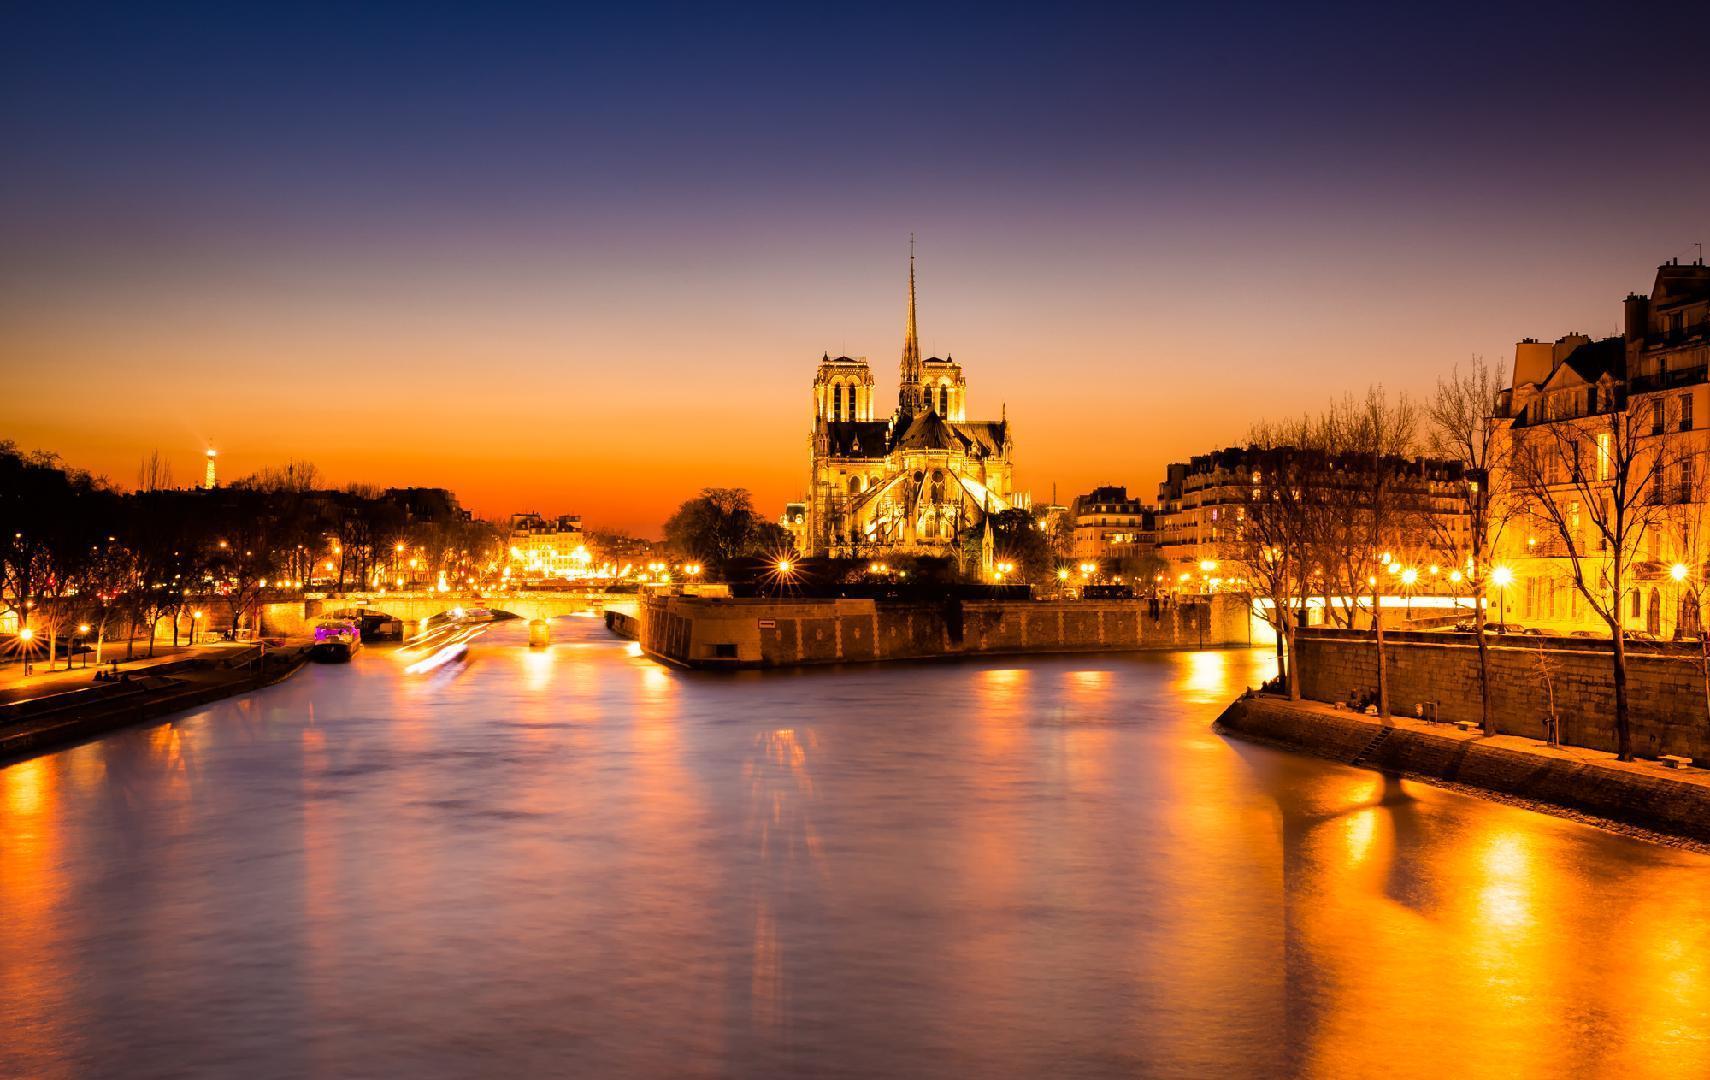 The Seine River and Ile de la Cité, Paris